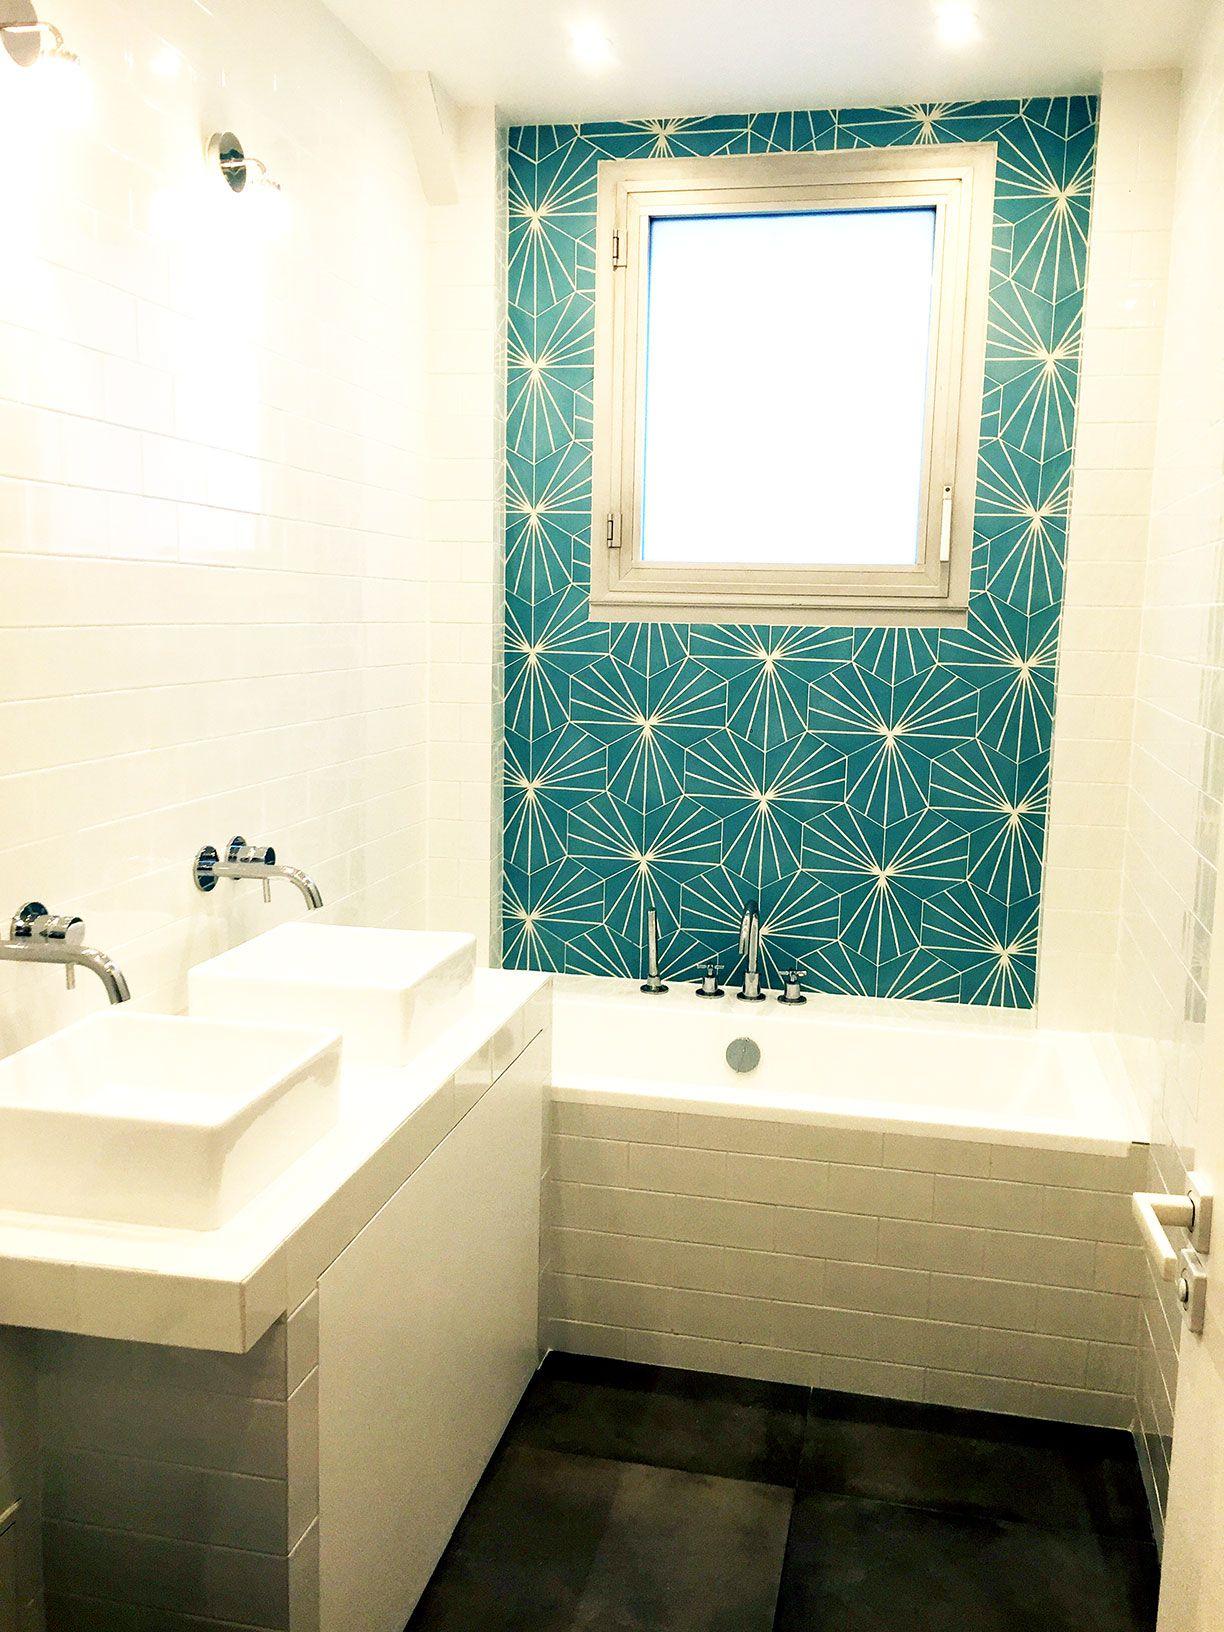 Am nager une salle de bain dans un studio masalledebain - Comment repeindre une salle de bain ...